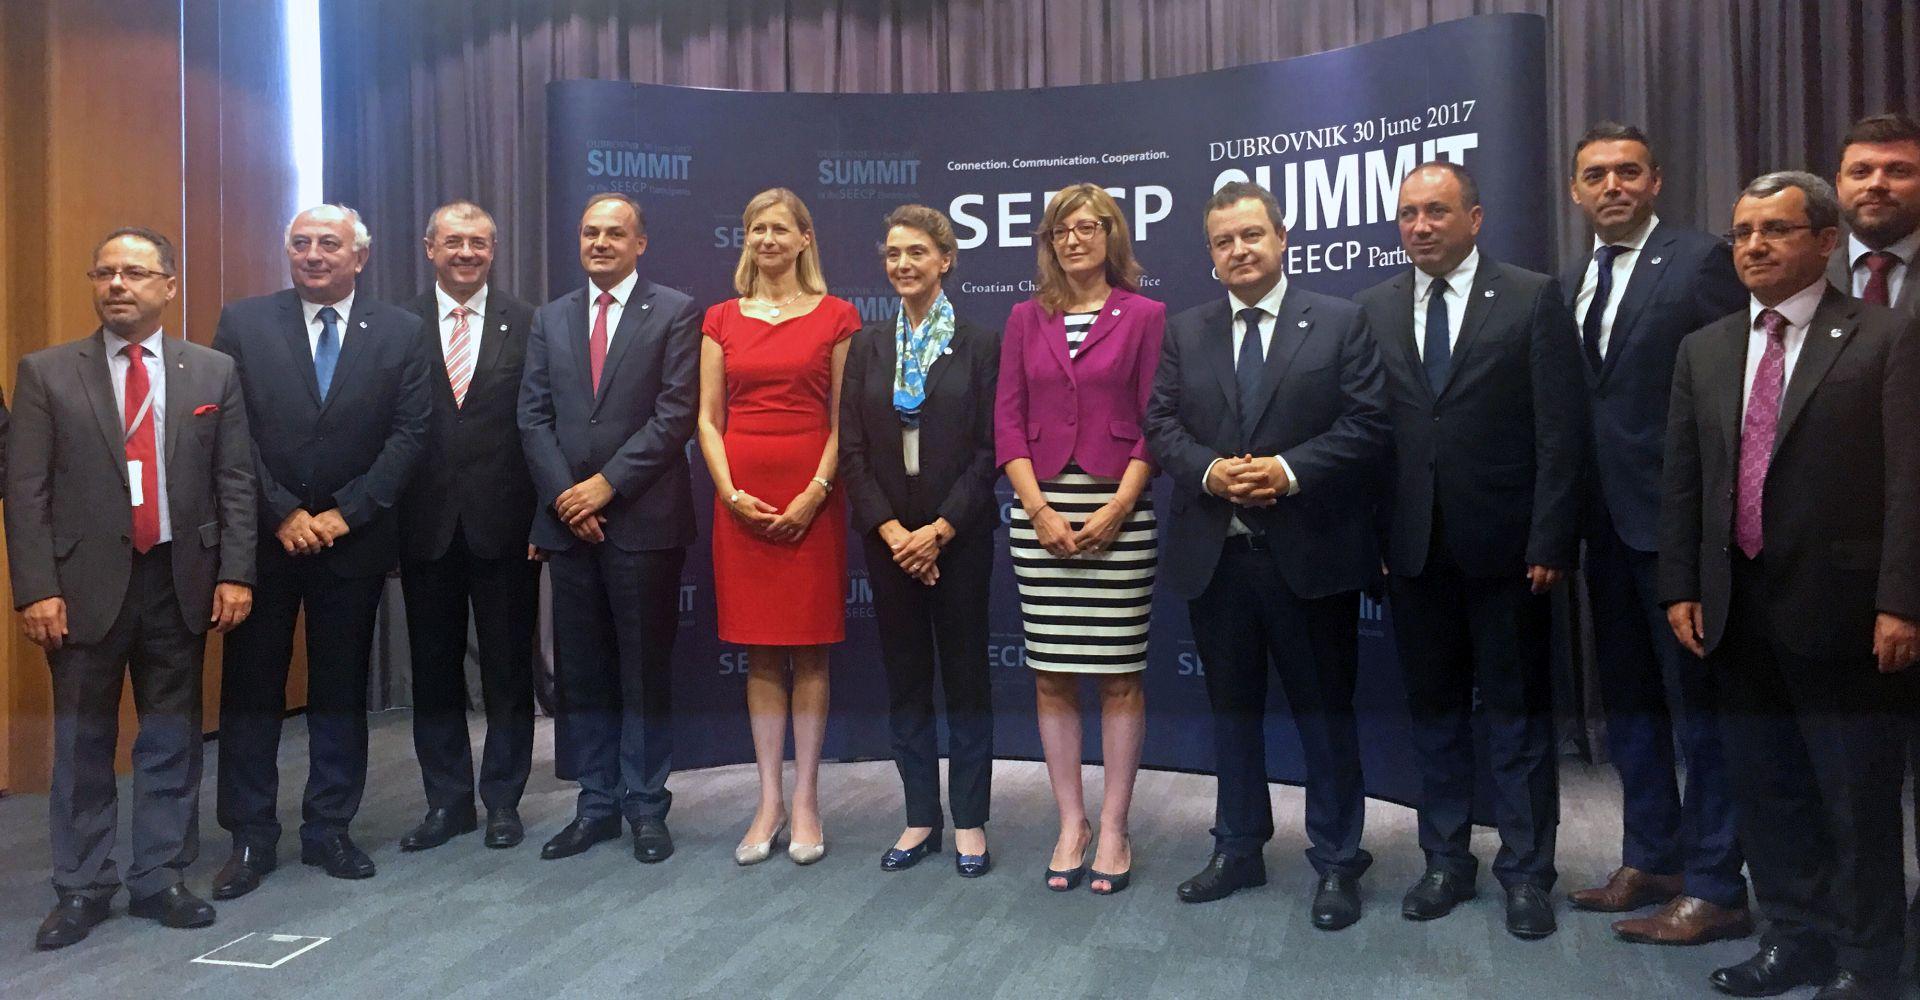 DUBROVNIK Pejčinović Burić otvorila završni sastanak šefova diplomacija SEECP-a